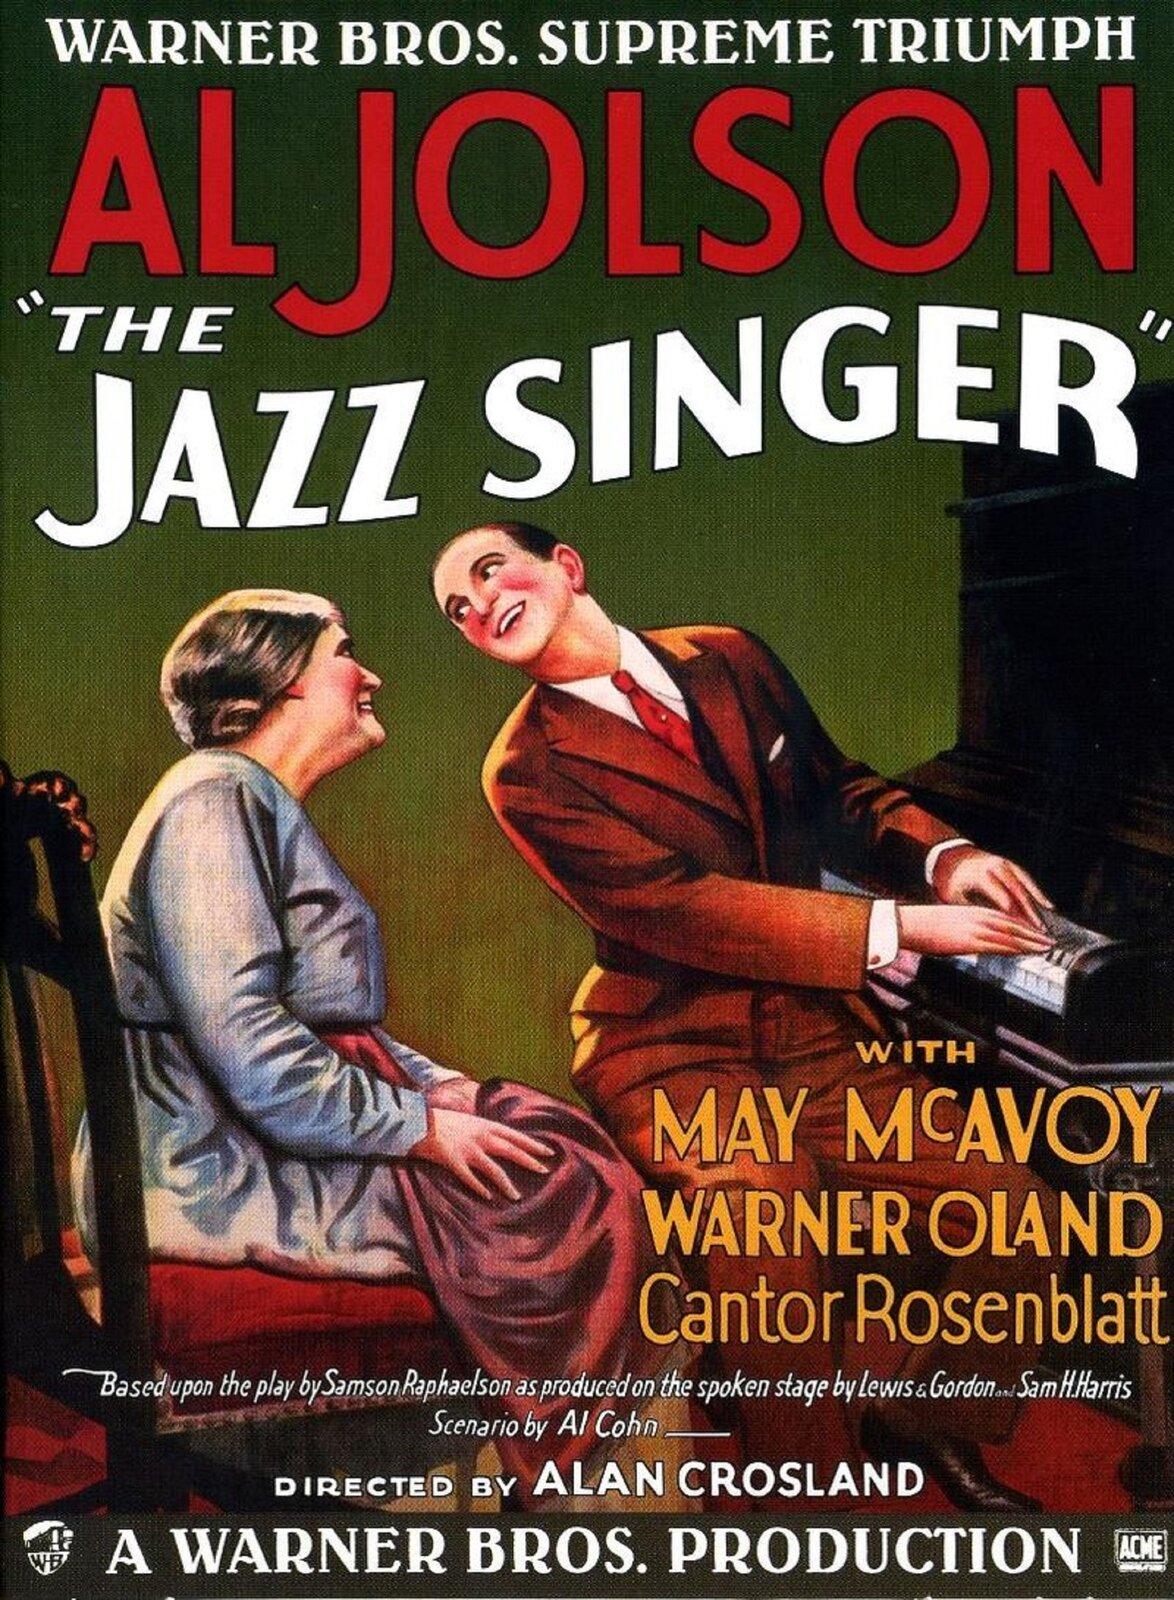 """Ilustracja przedstawia plakat """"Śpiewak jazzbandu"""". Na plakacie przedstawiony został mężczyzna grający na fortepianie, który odchyla głowę do kobiety, która siedzi obok niej. Osoby uśmiechają się do siebie."""